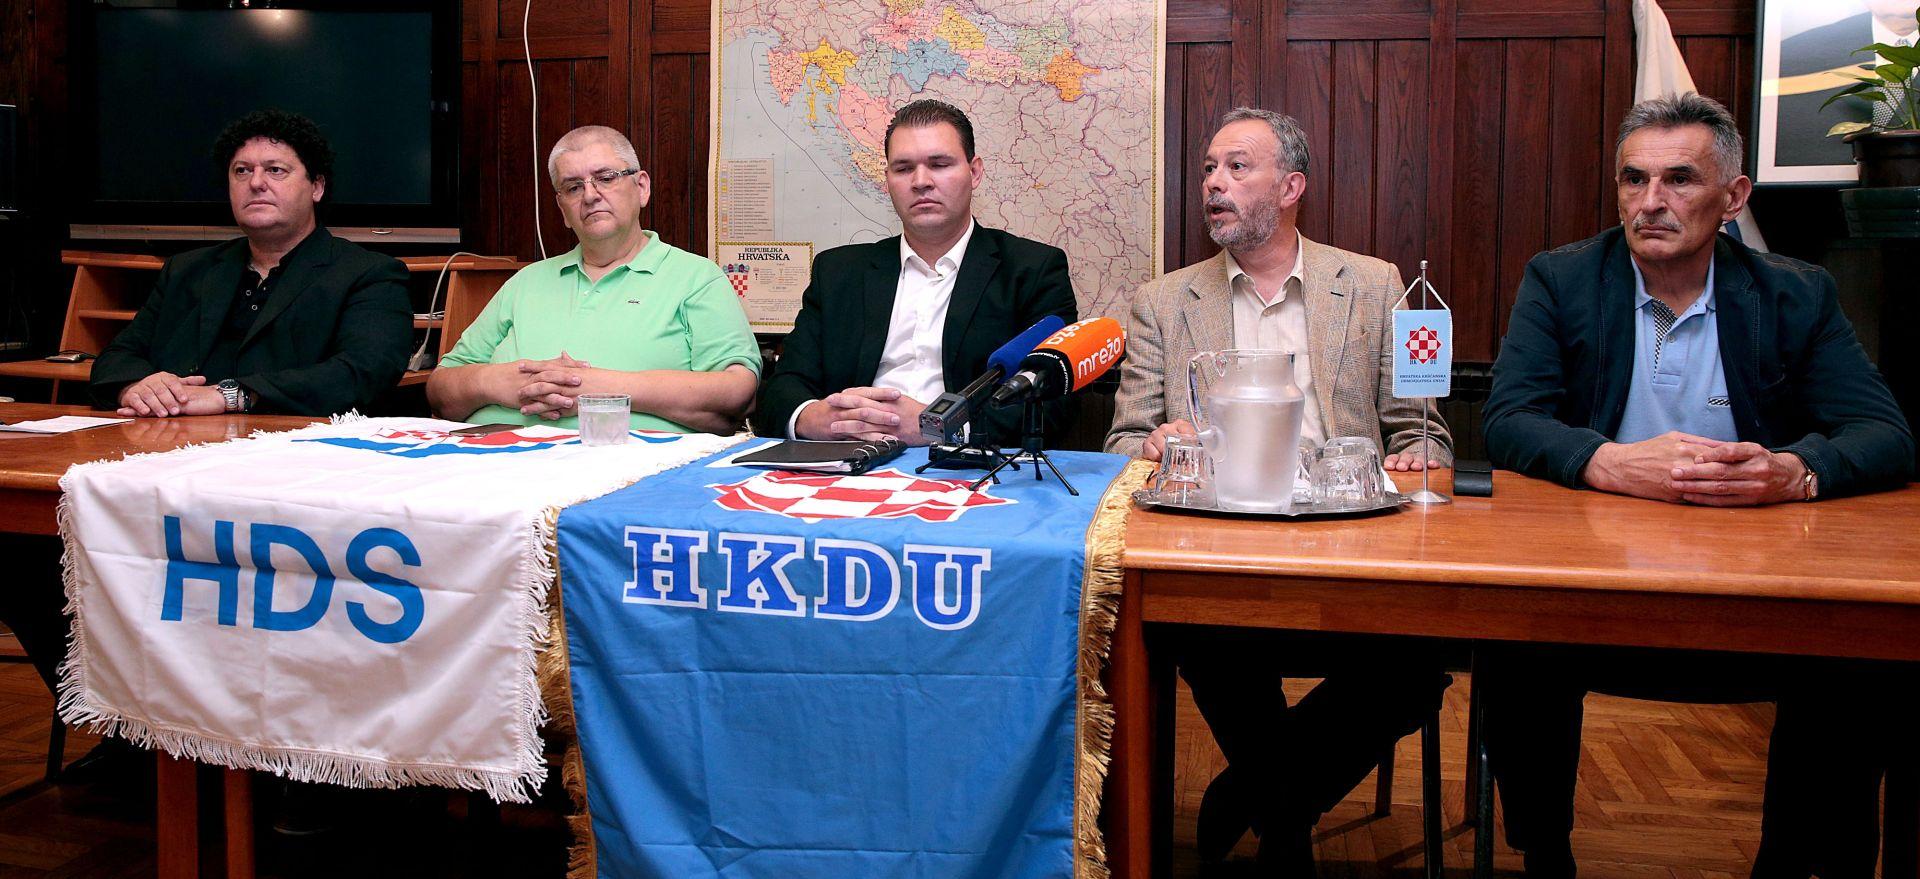 Nova koalicija na desnici: 'Nismo ničija rezervna varijanta'